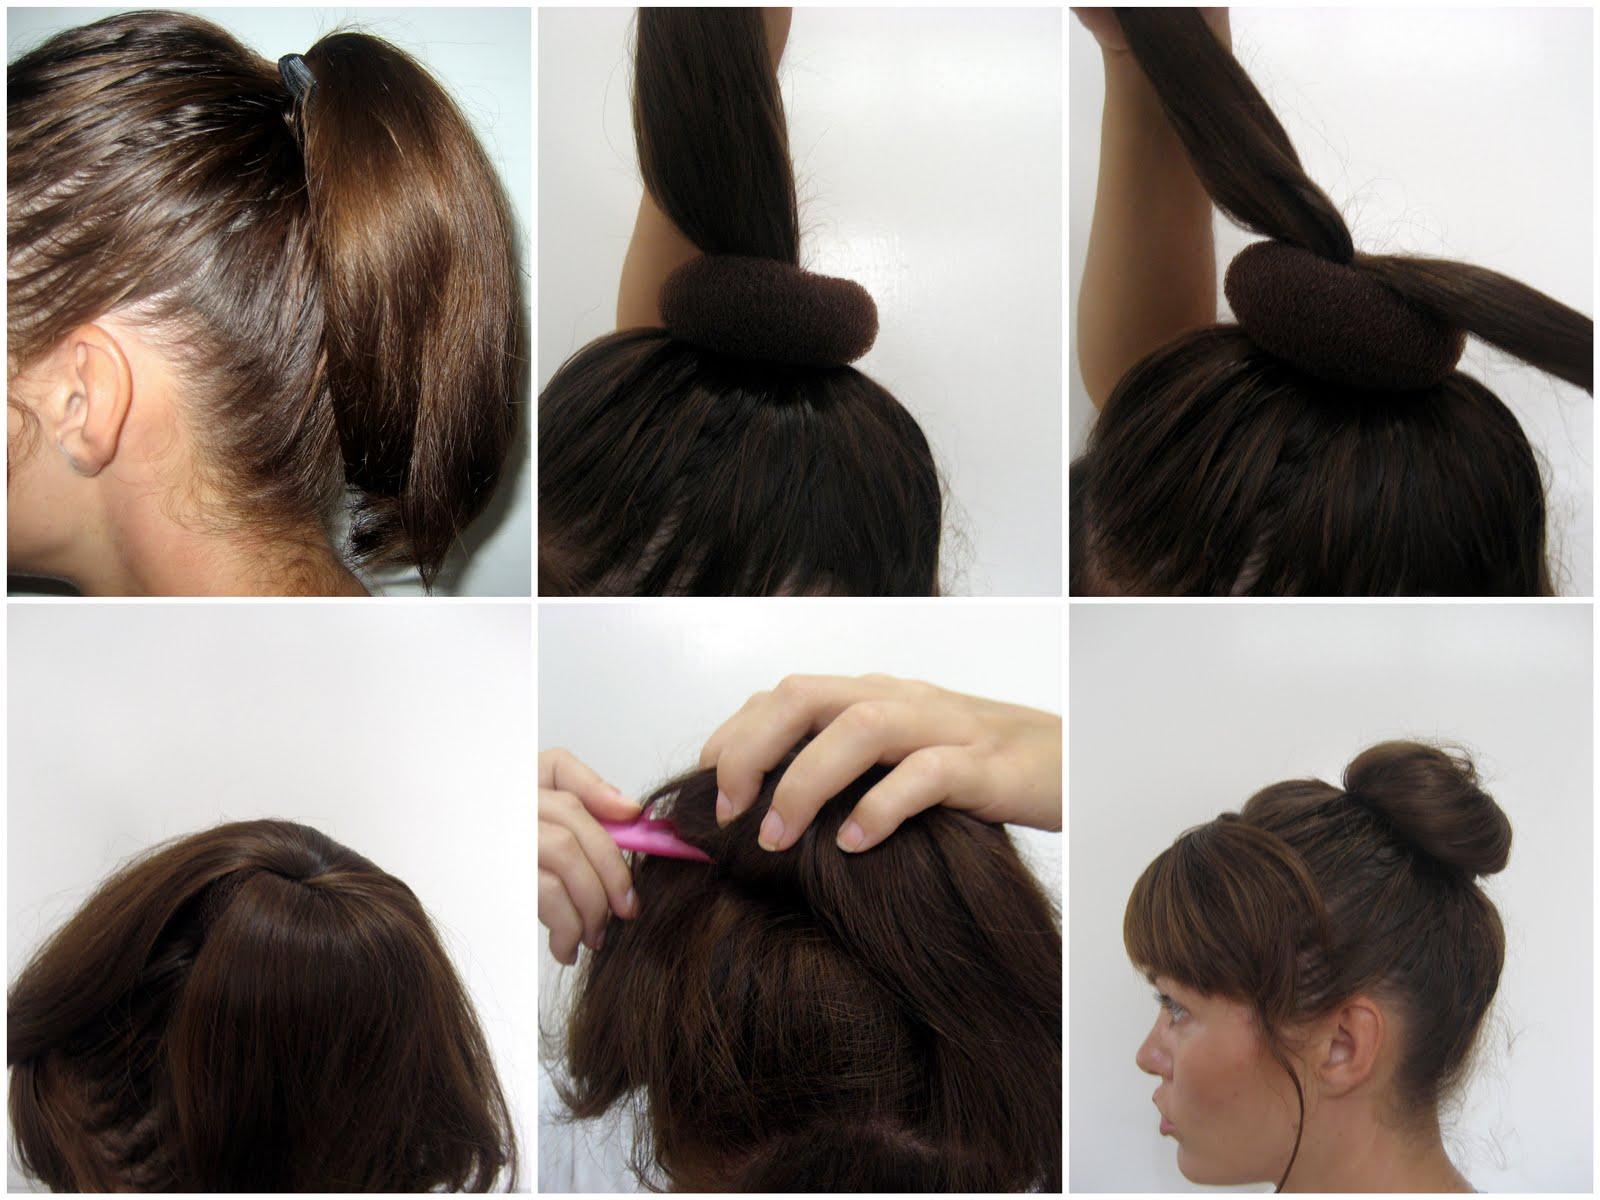 5 coiffures simple et rapide - Coiffure simple a faire ...